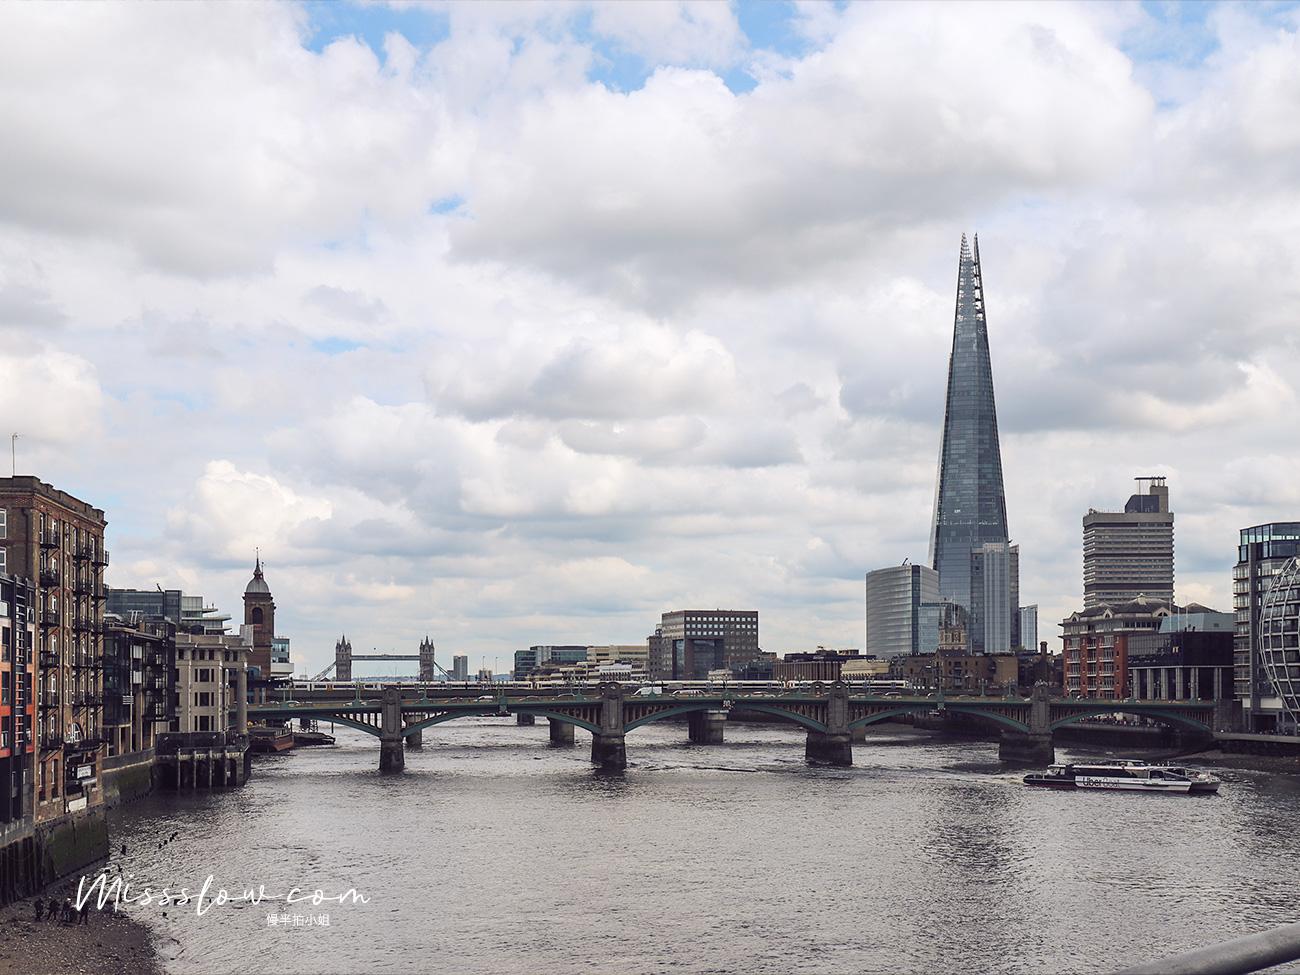 倫敦泰晤士河南岸-碎片塔